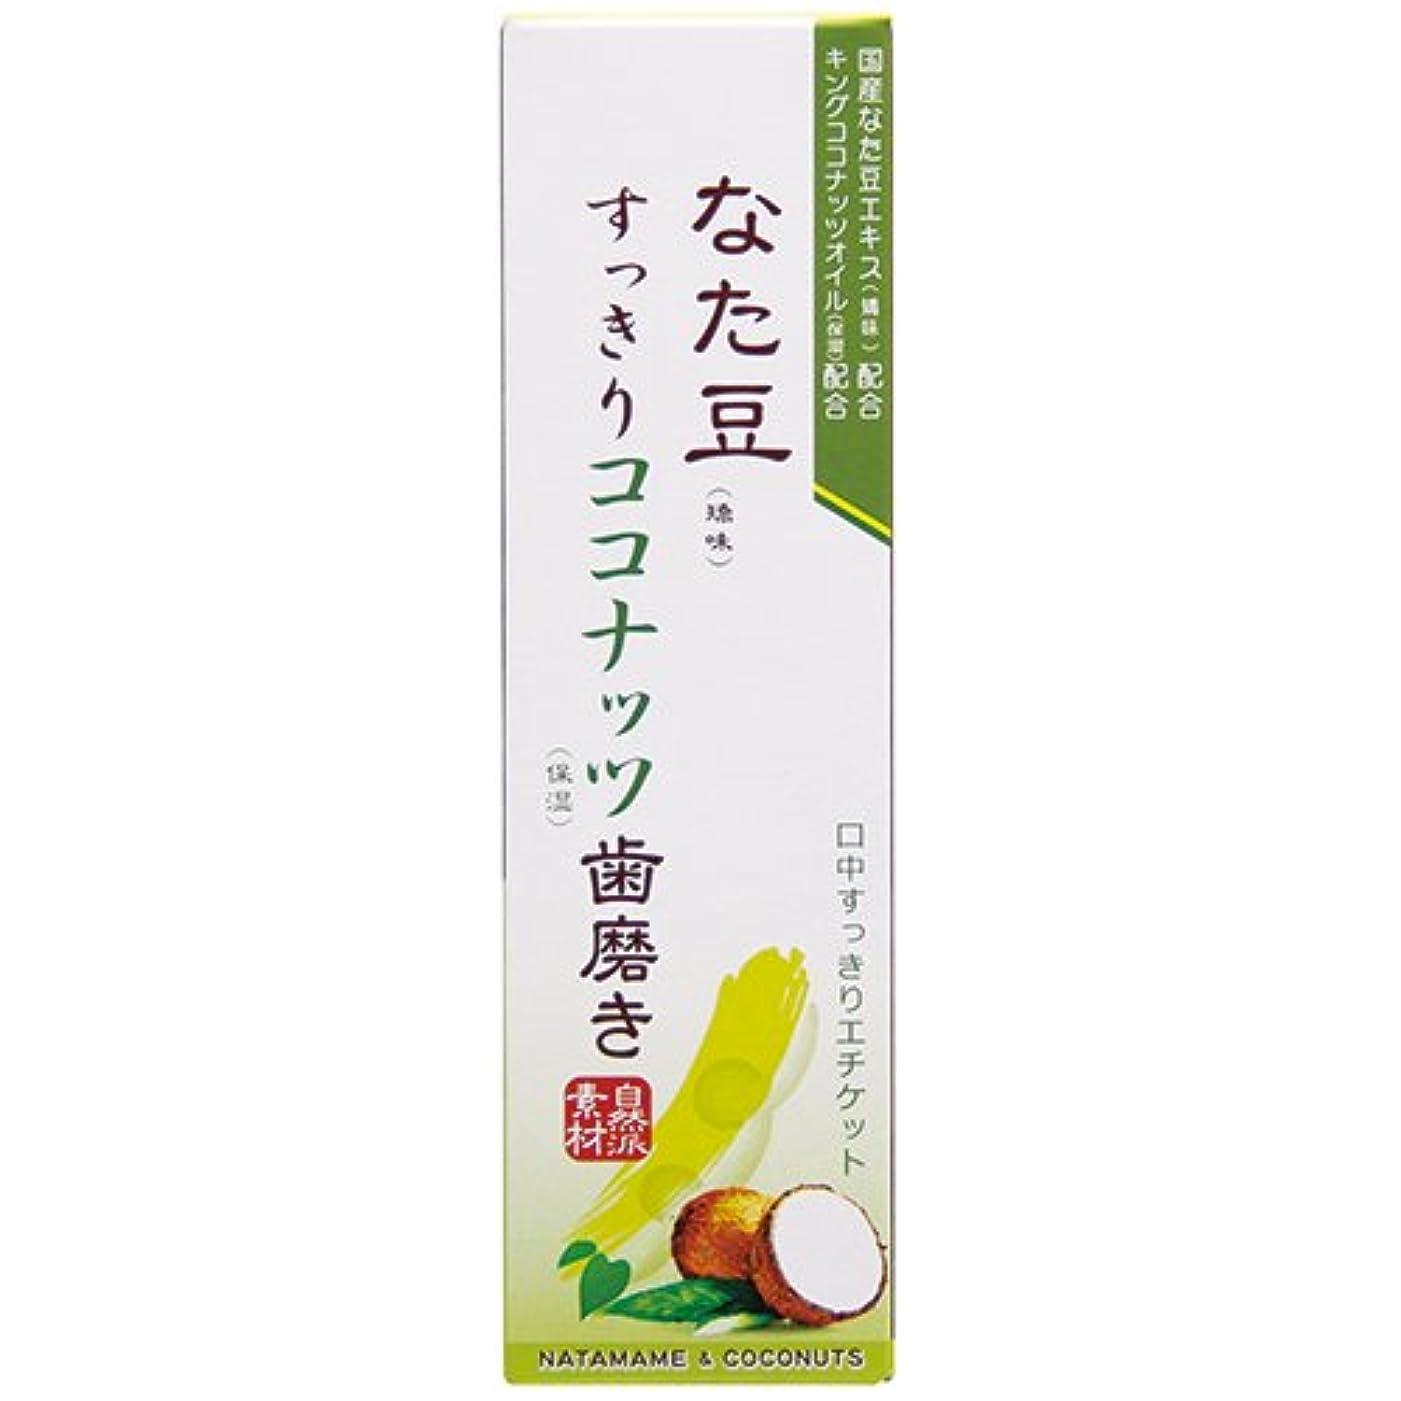 カウント口述する学士なた豆すっきり ココナッツ歯磨き